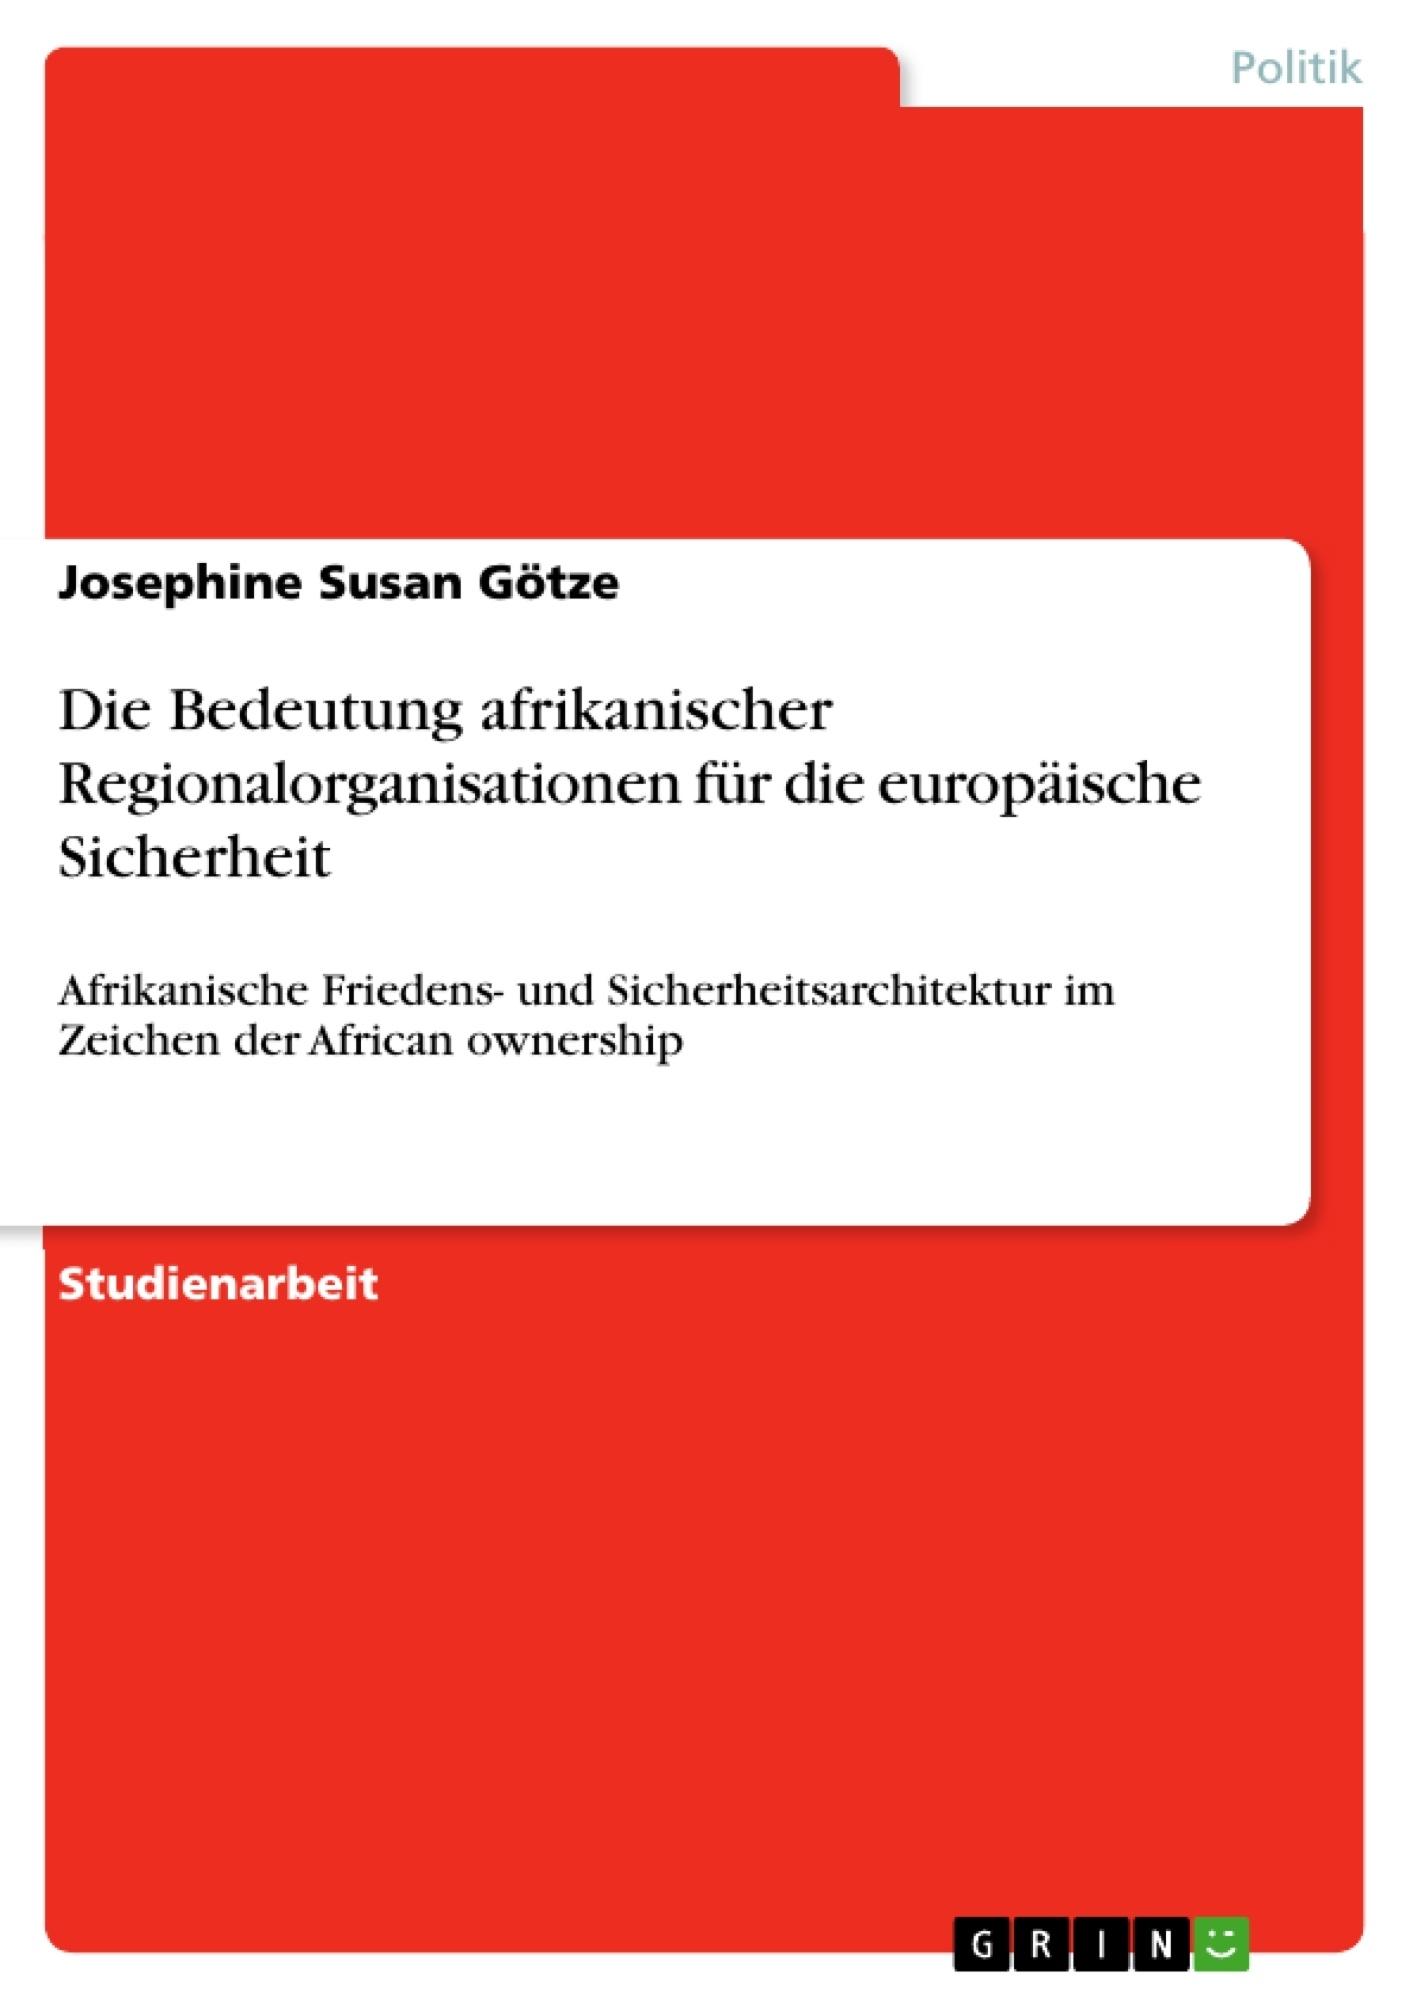 Titel: Die Bedeutung afrikanischer Regionalorganisationen für die europäische Sicherheit